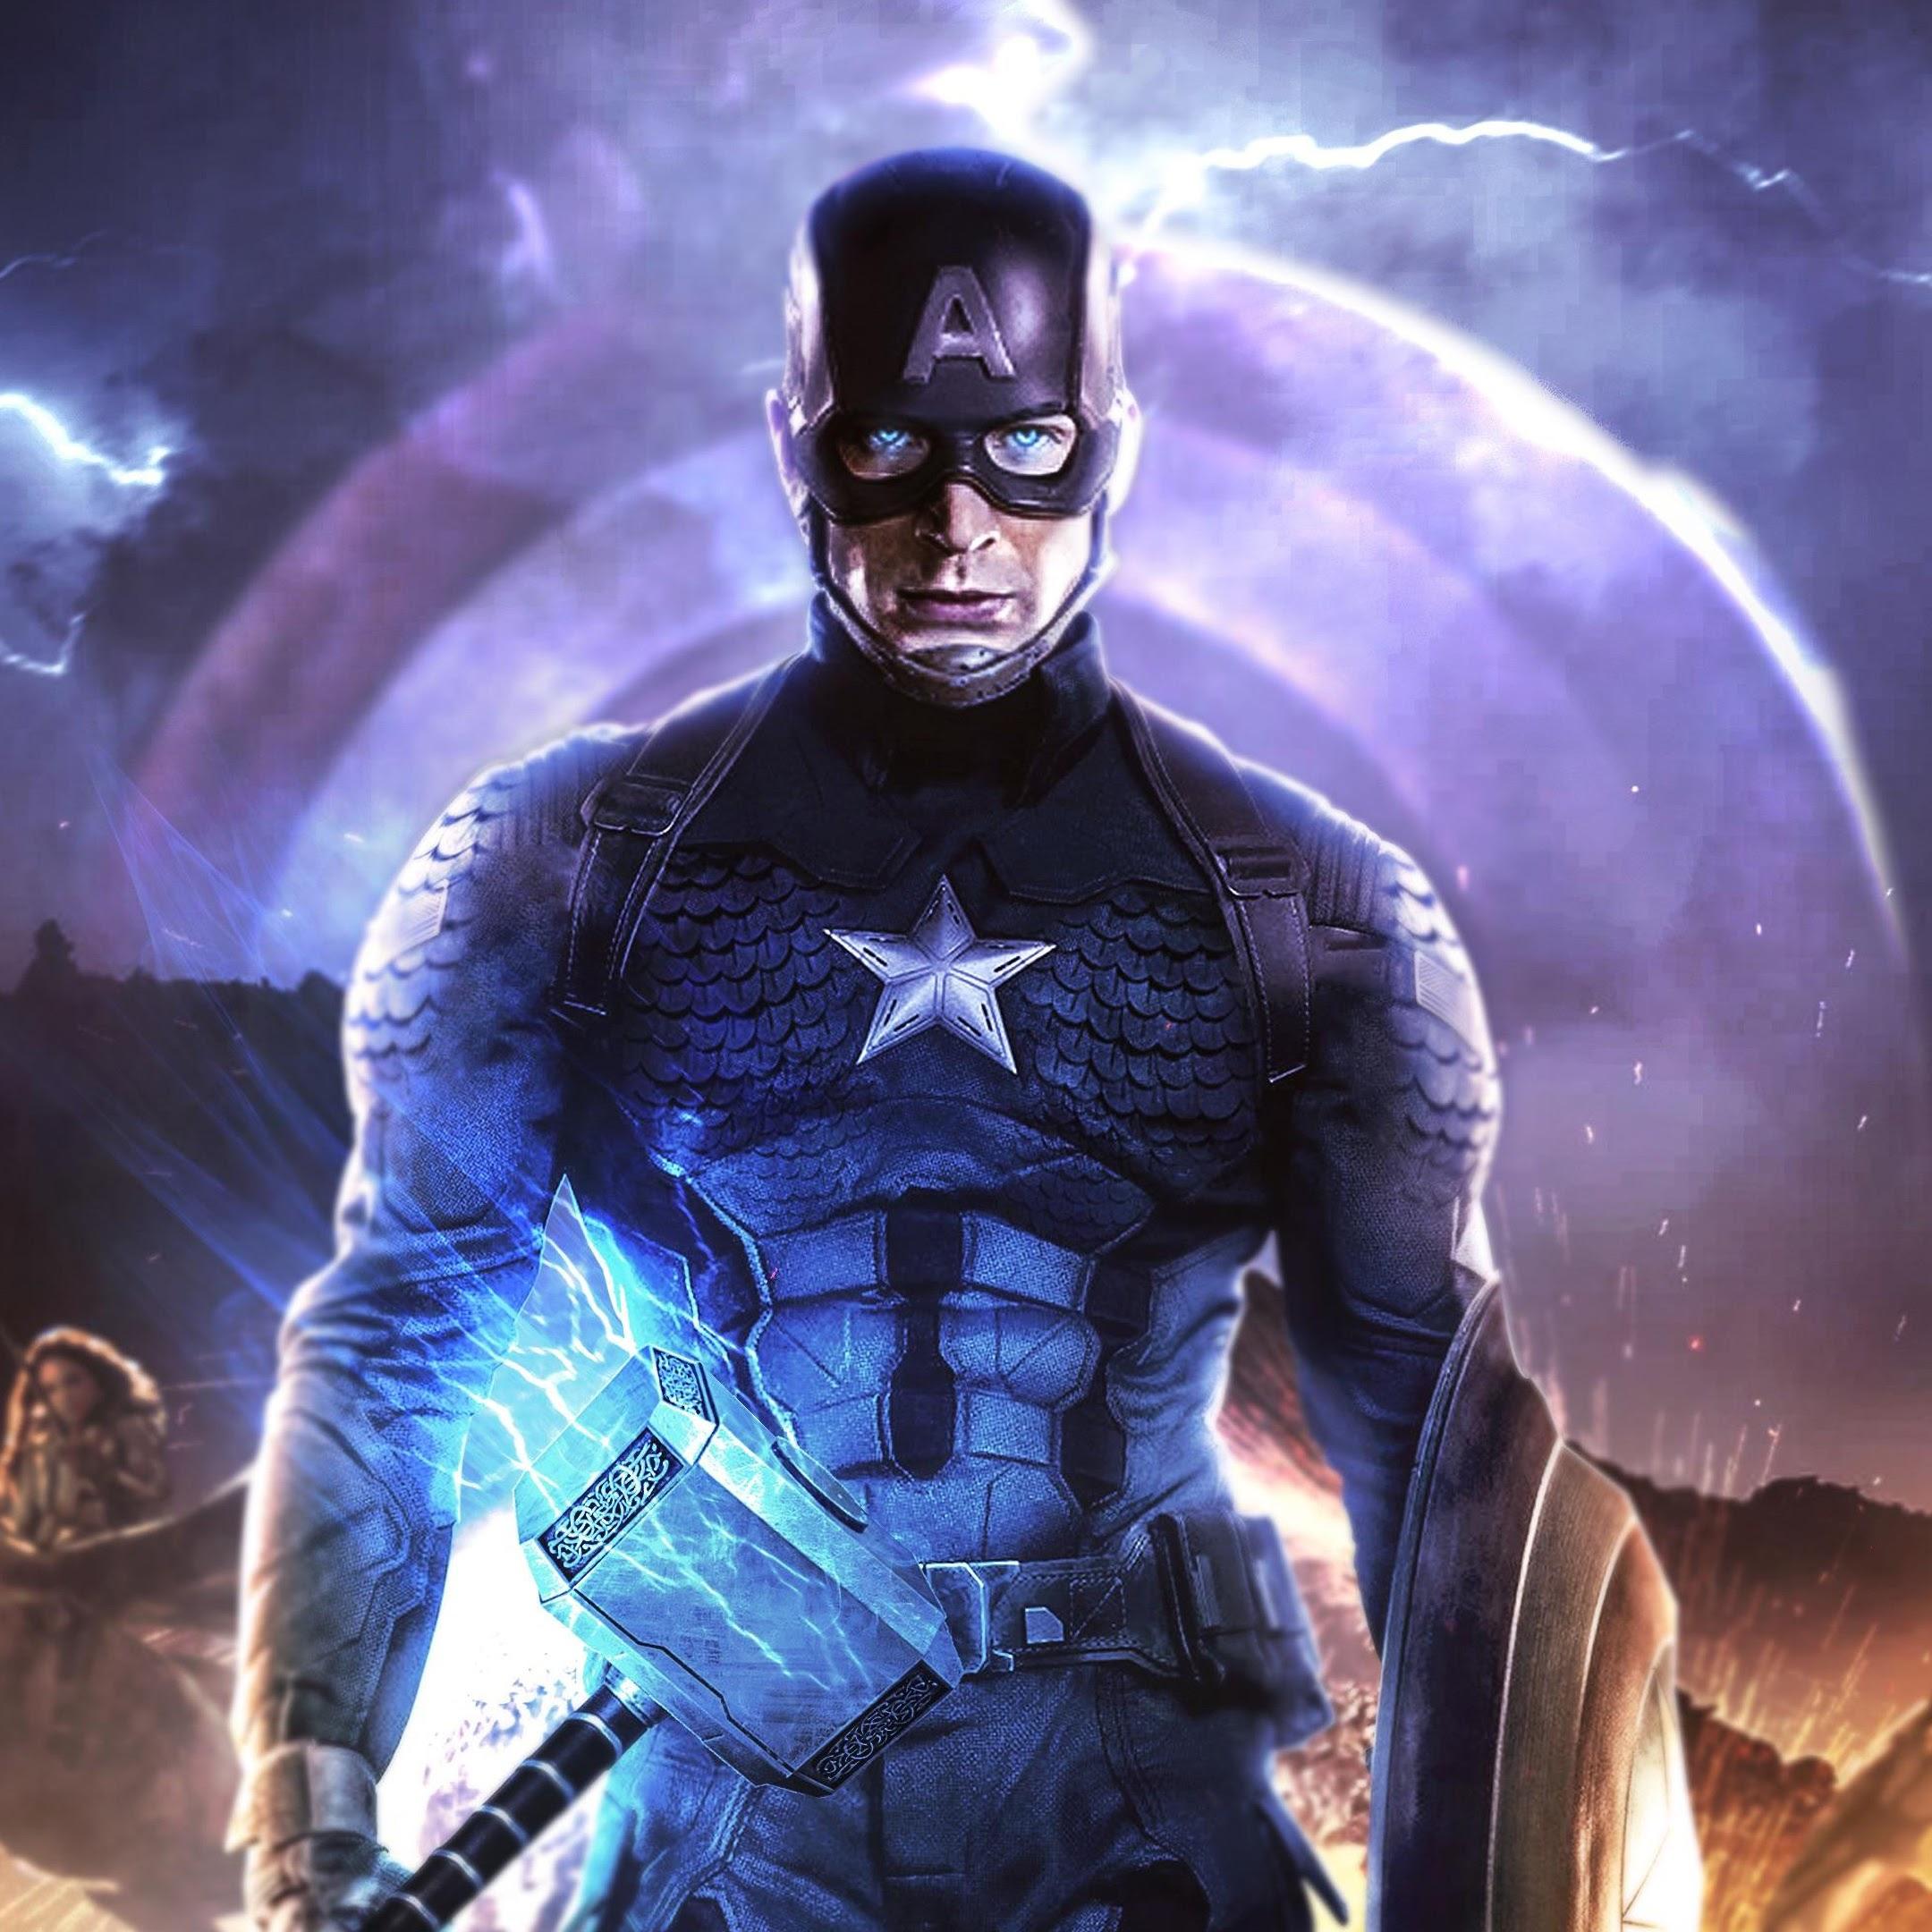 Avengers Endgame Captain America Thor Hammer 4k 162